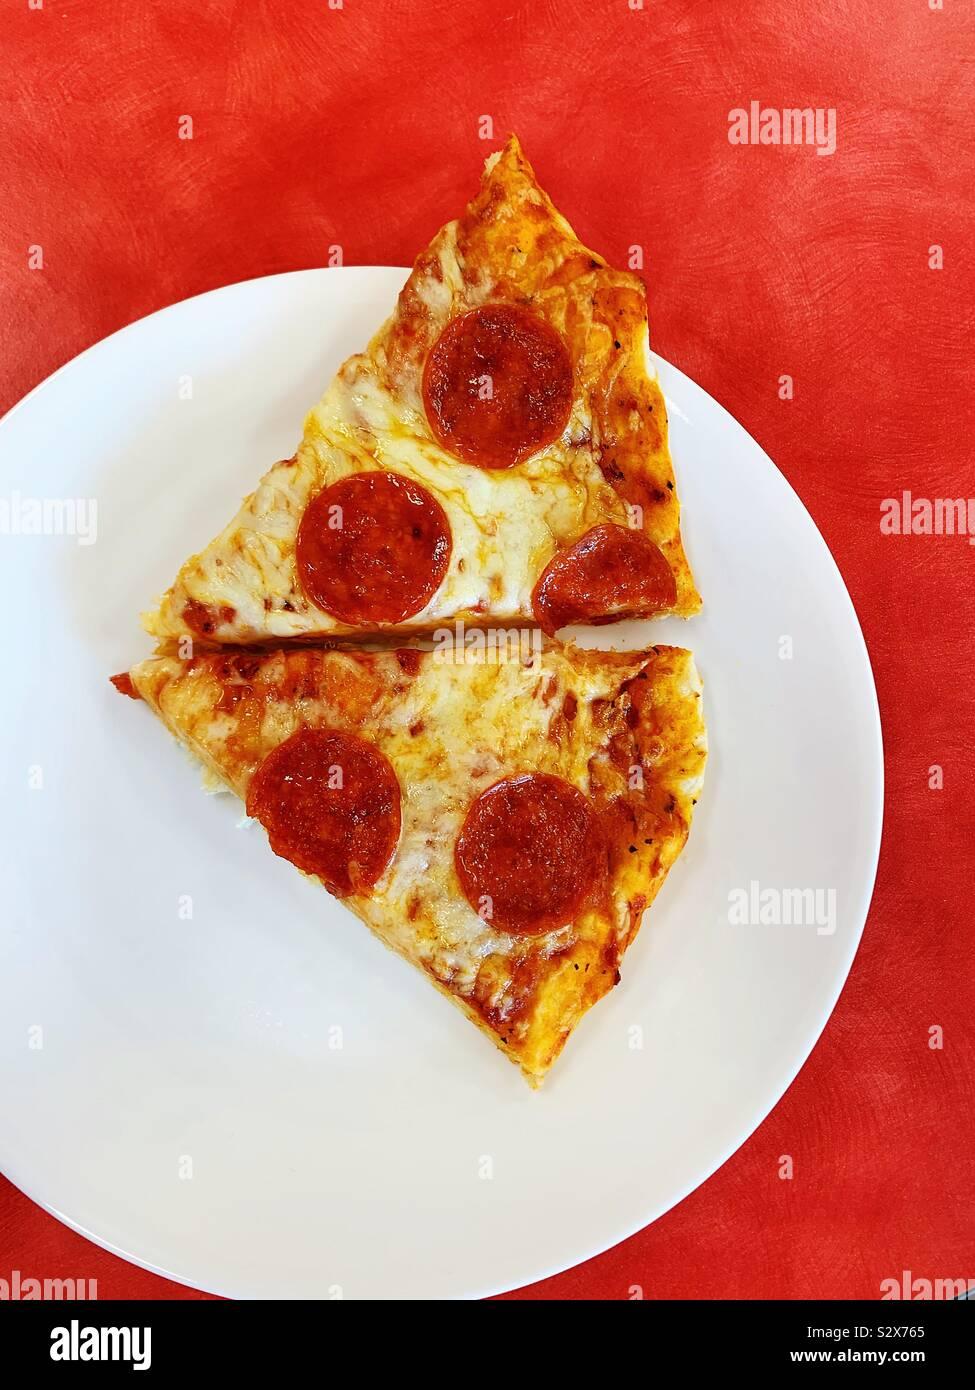 Pizza au pepperoni fait maison Banque D'Images